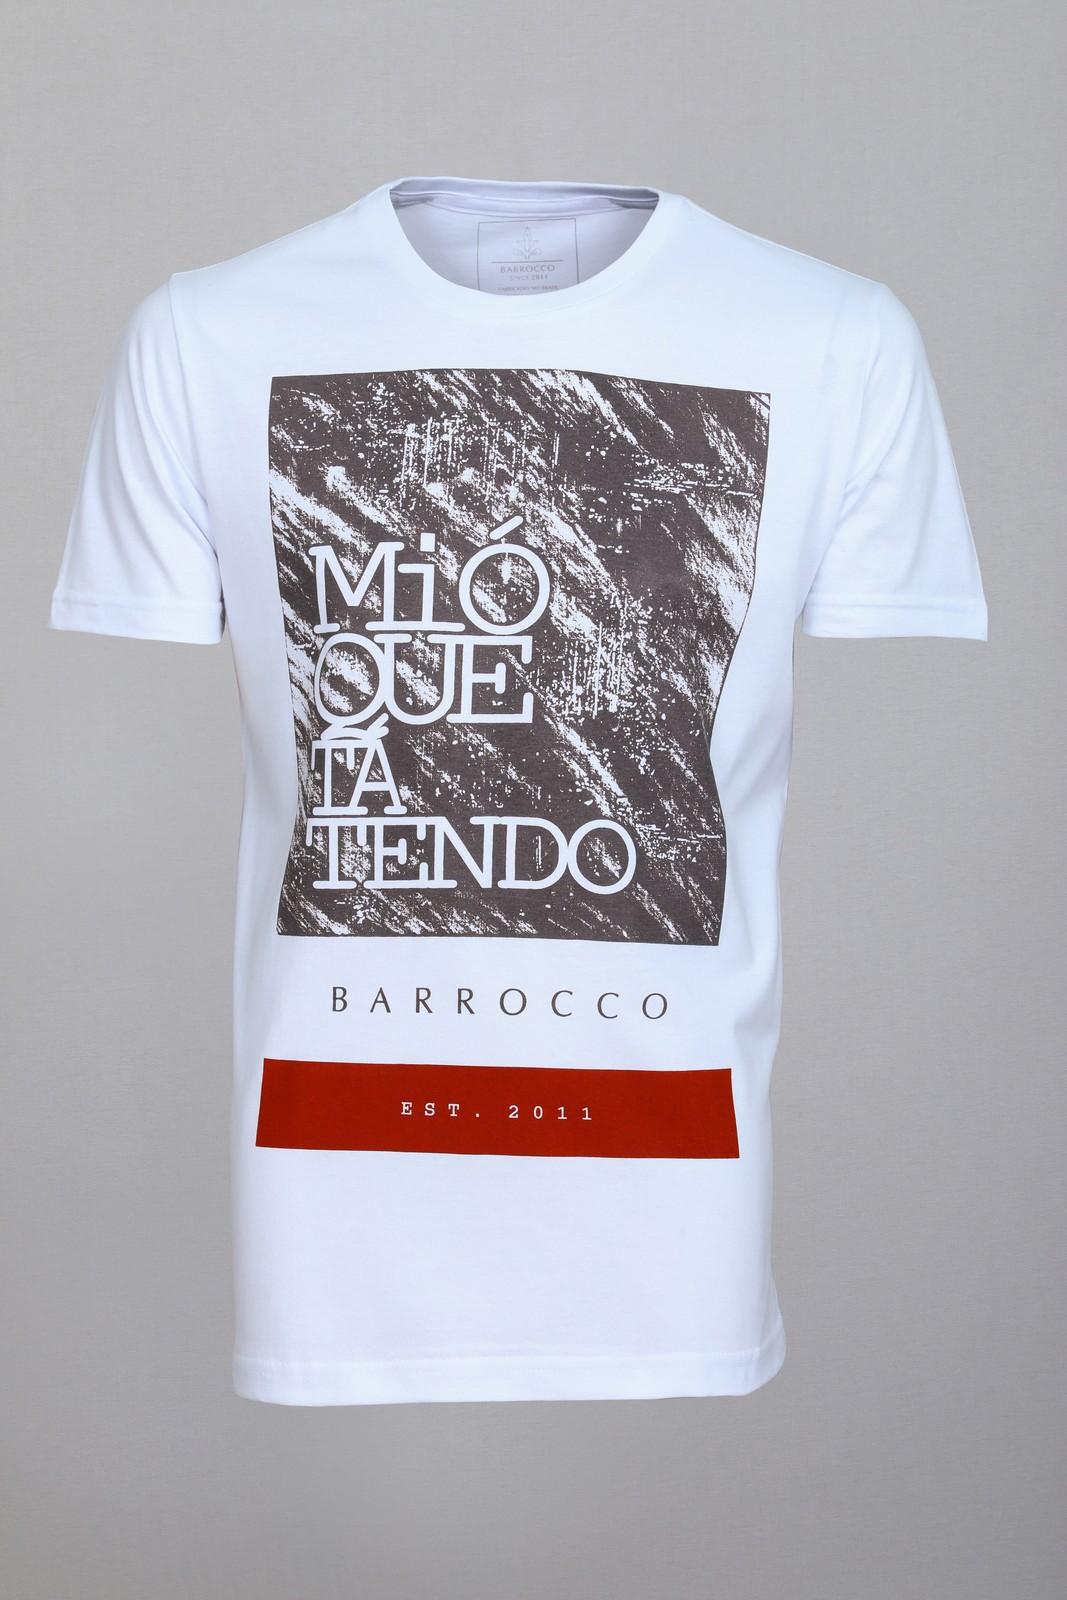 Camiseta Barrocco Mió Que Tá Tendo - FRETE GRÁTIS